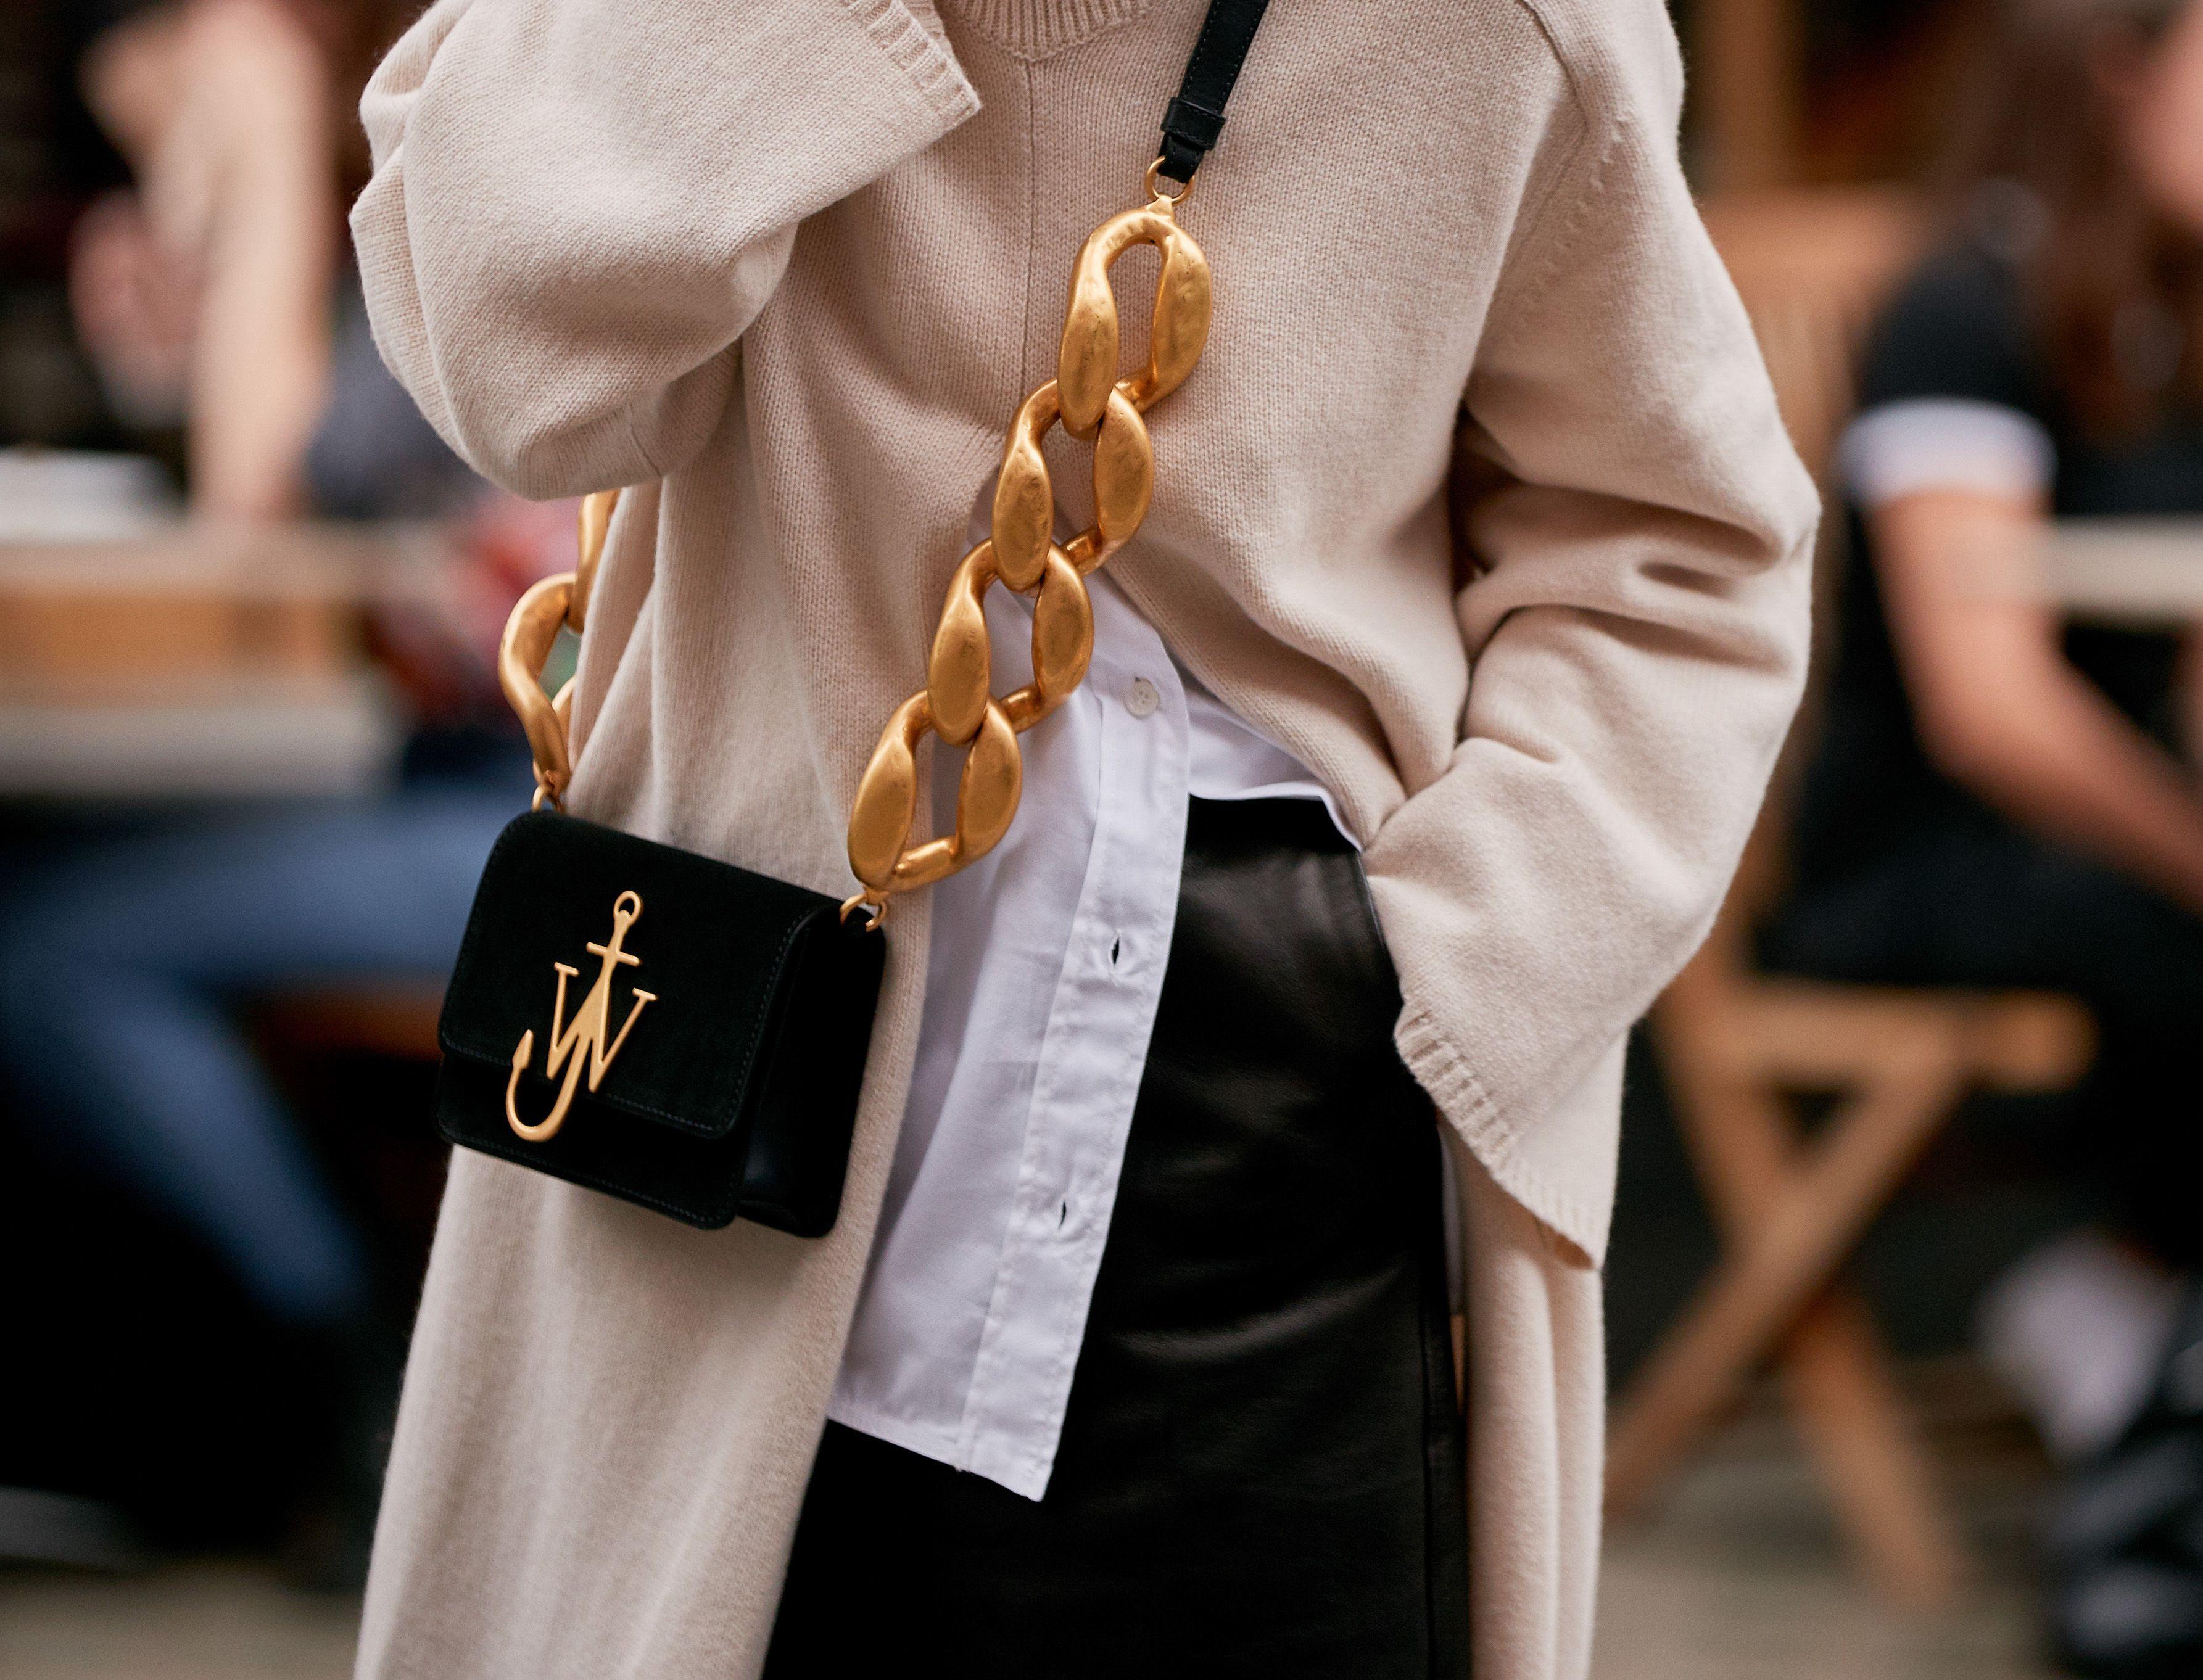 Le borse a tracolla sono il trend affaire su cui scommettere (quasi) tutto